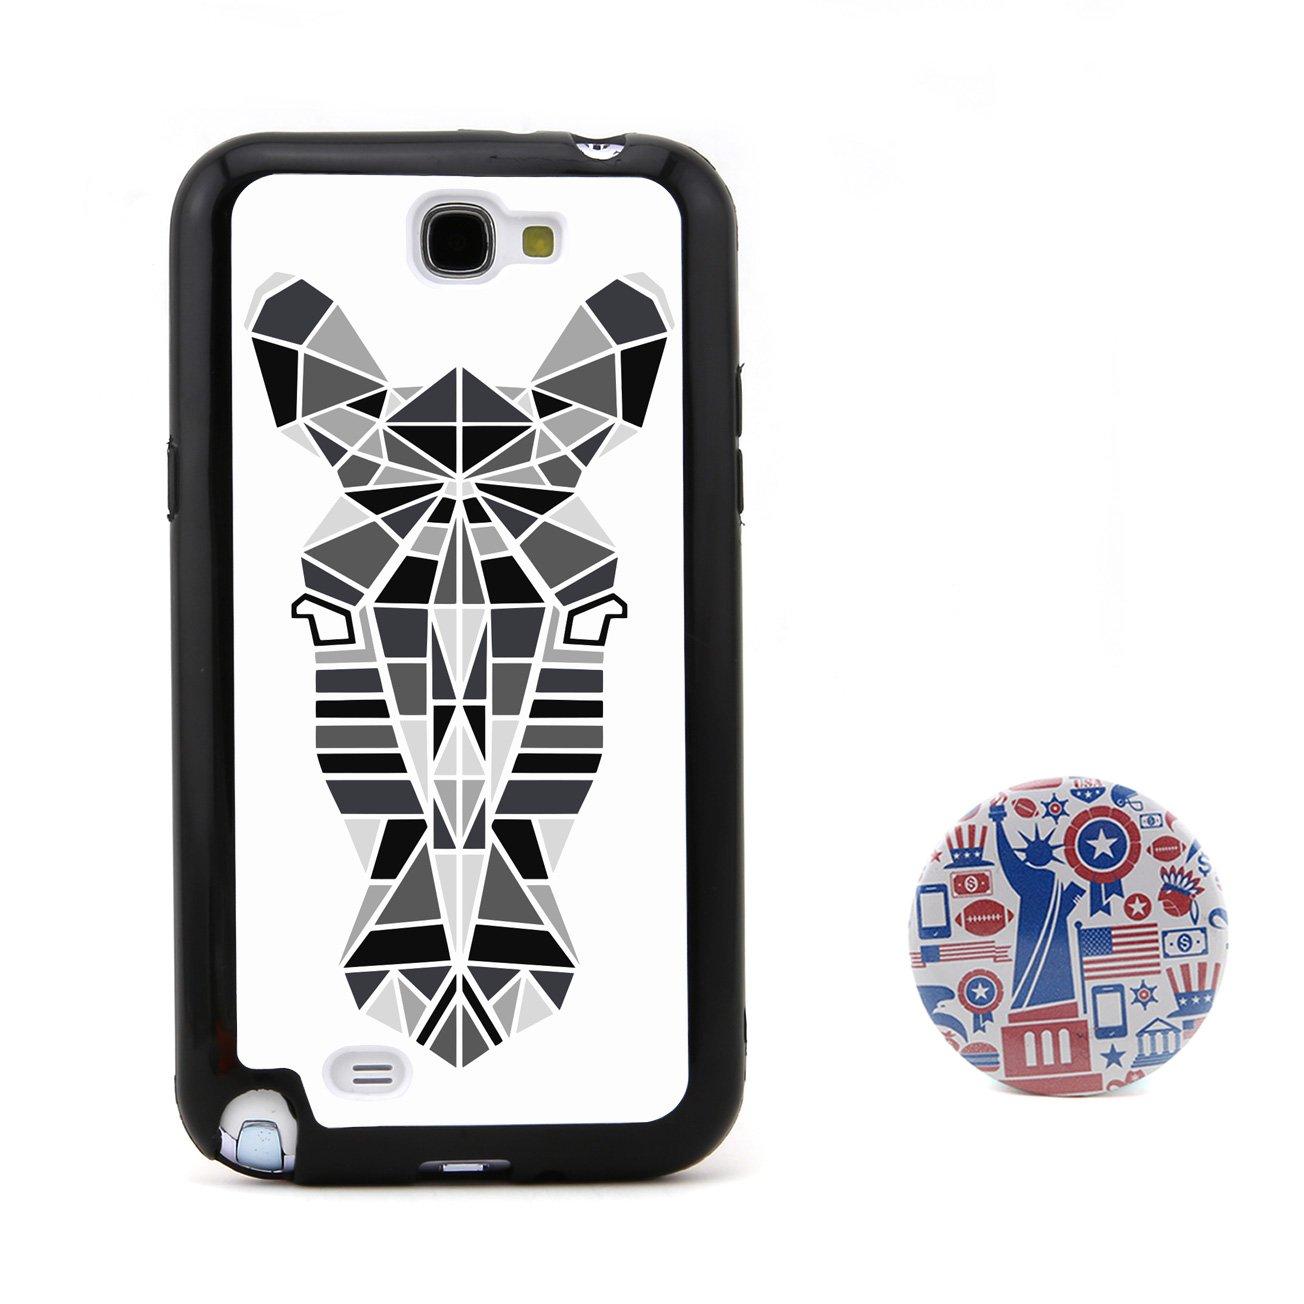 斑马3d多边形动物头像浮雕设计风格 塑料+tpu手机壳 手机套 适用于